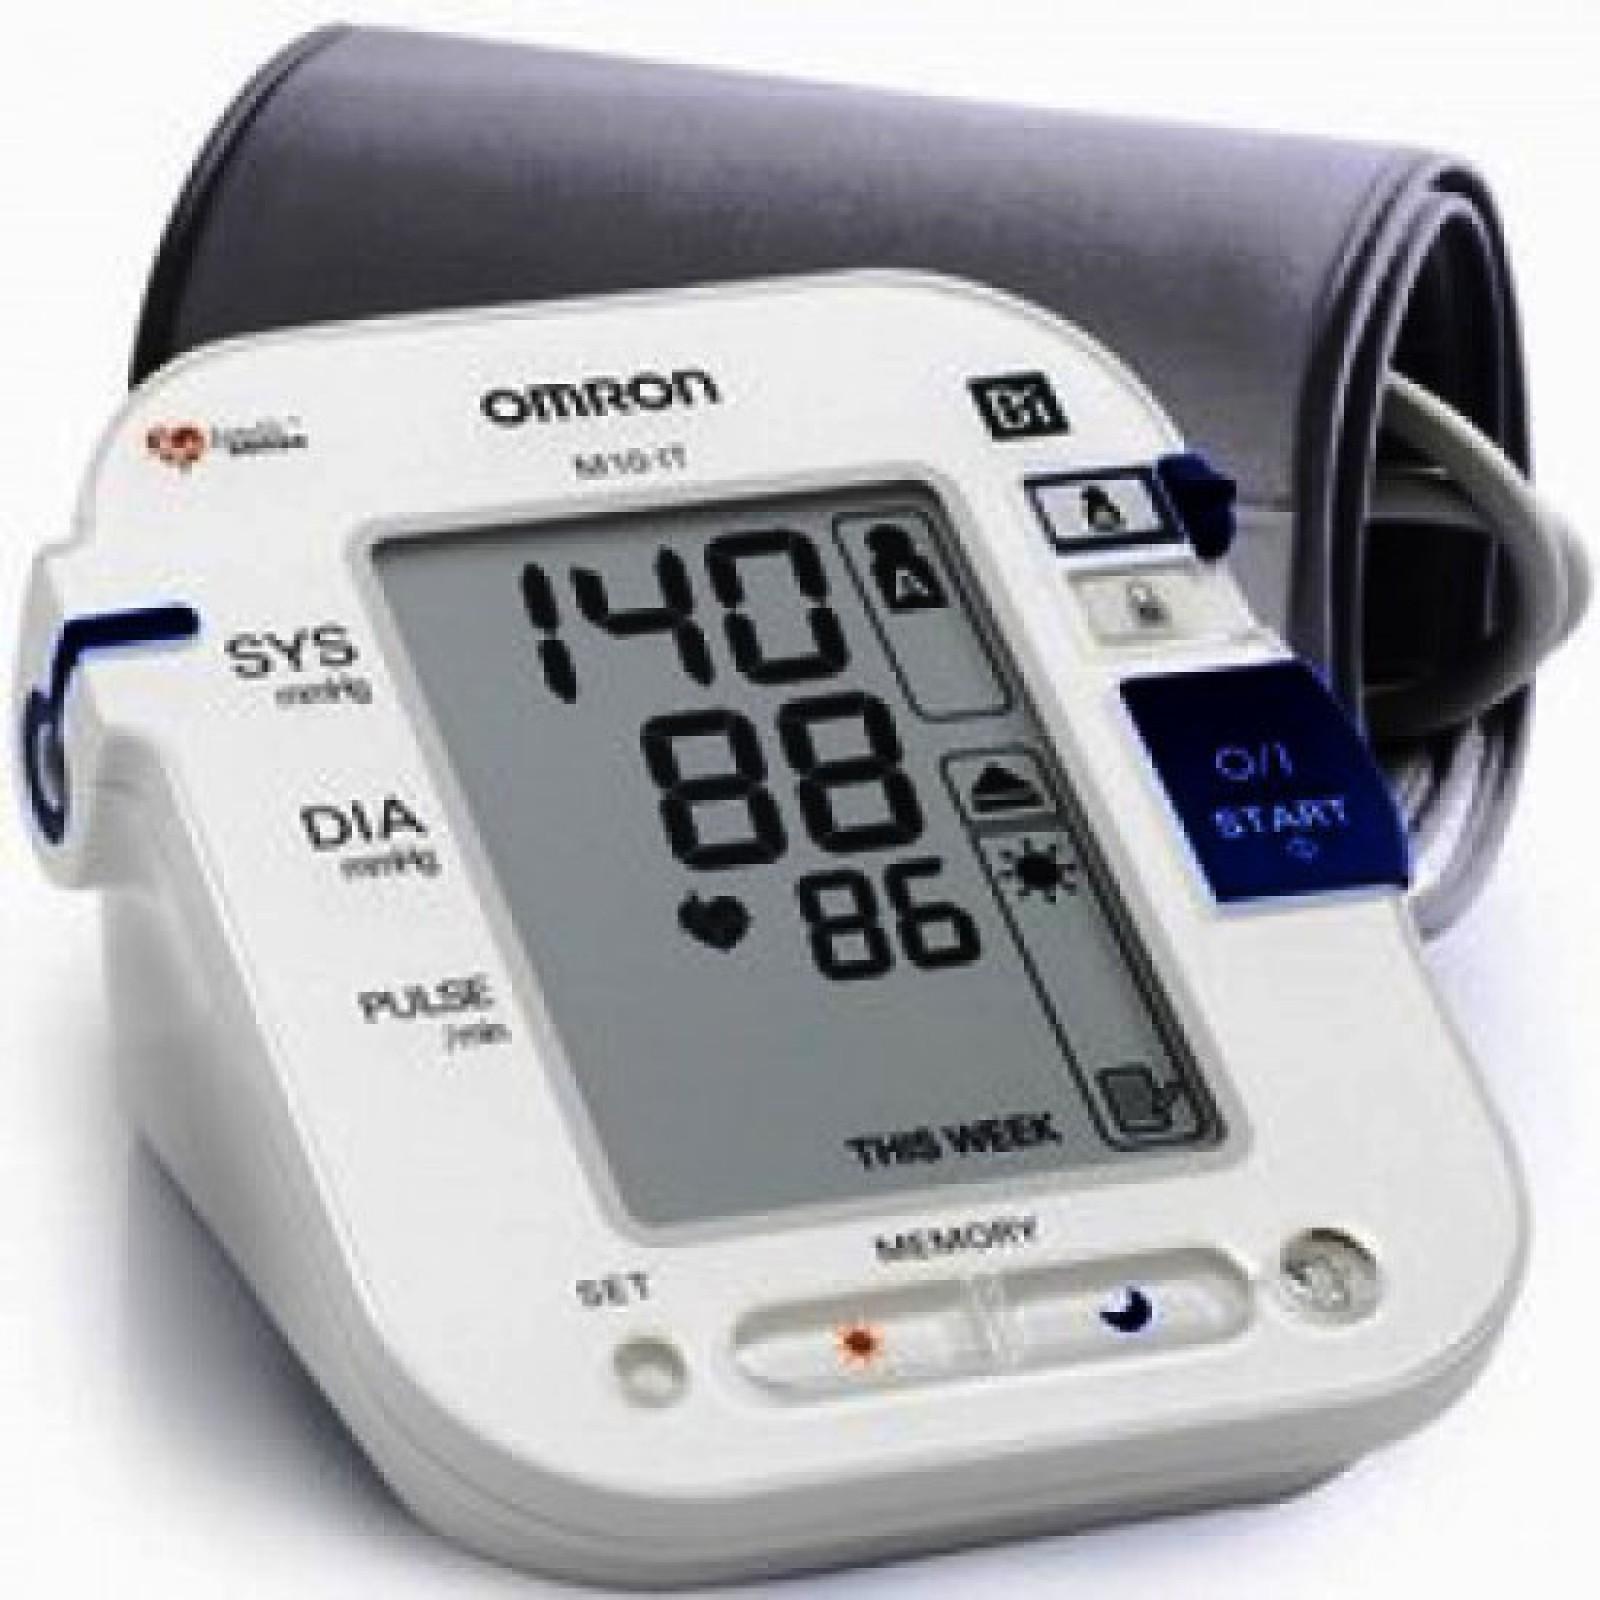 Omron M10-IT - vérnyomásmérő - Felkaros vérnyomásmérő